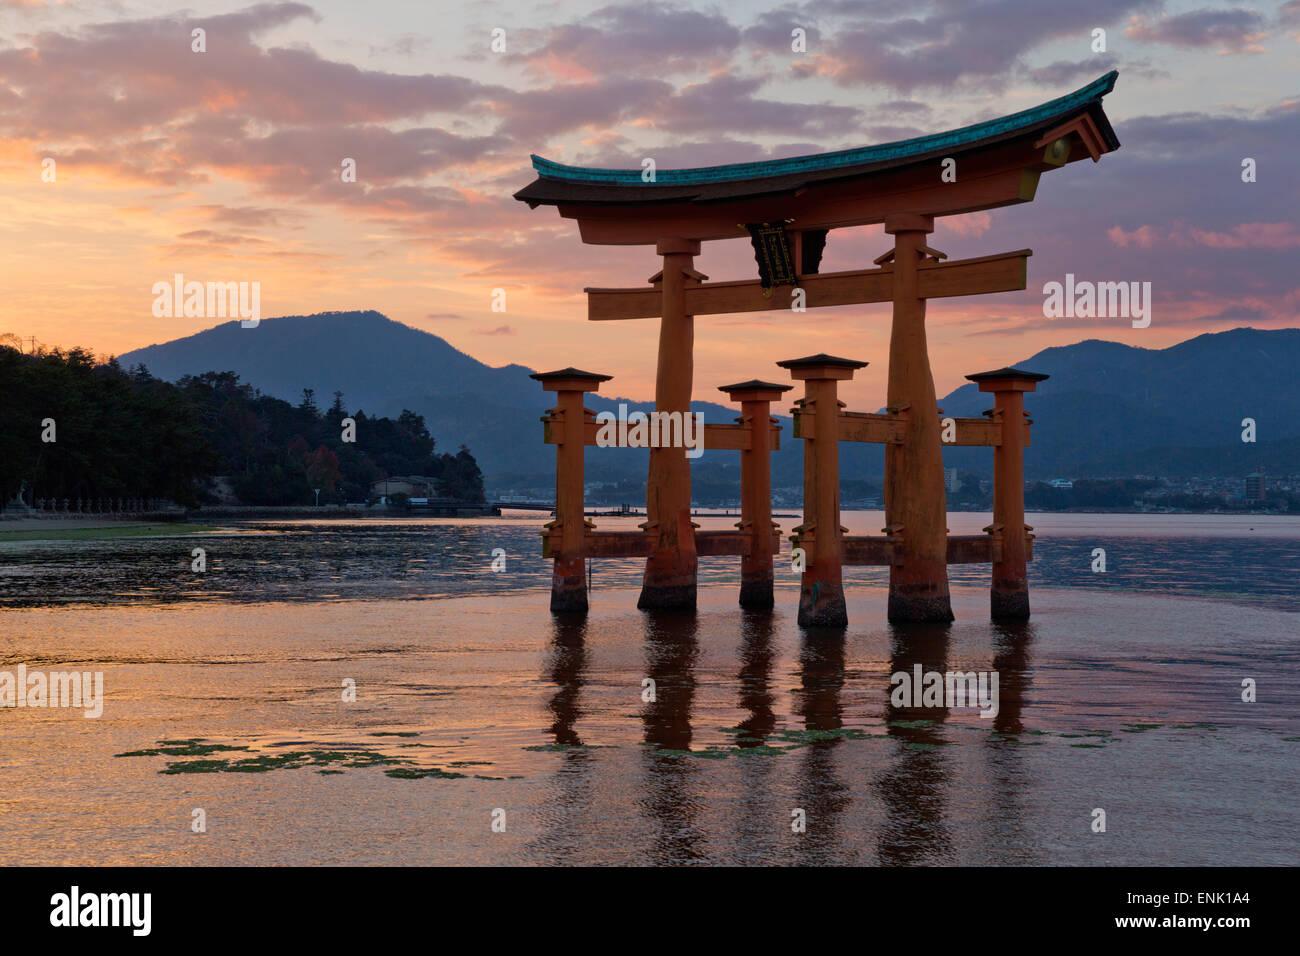 Das schwimmende Miyajima Torii-Tor des Itsukushima-Schrein bei Sonnenuntergang, UNESCO, Insel Miyajima, westlichen Stockbild